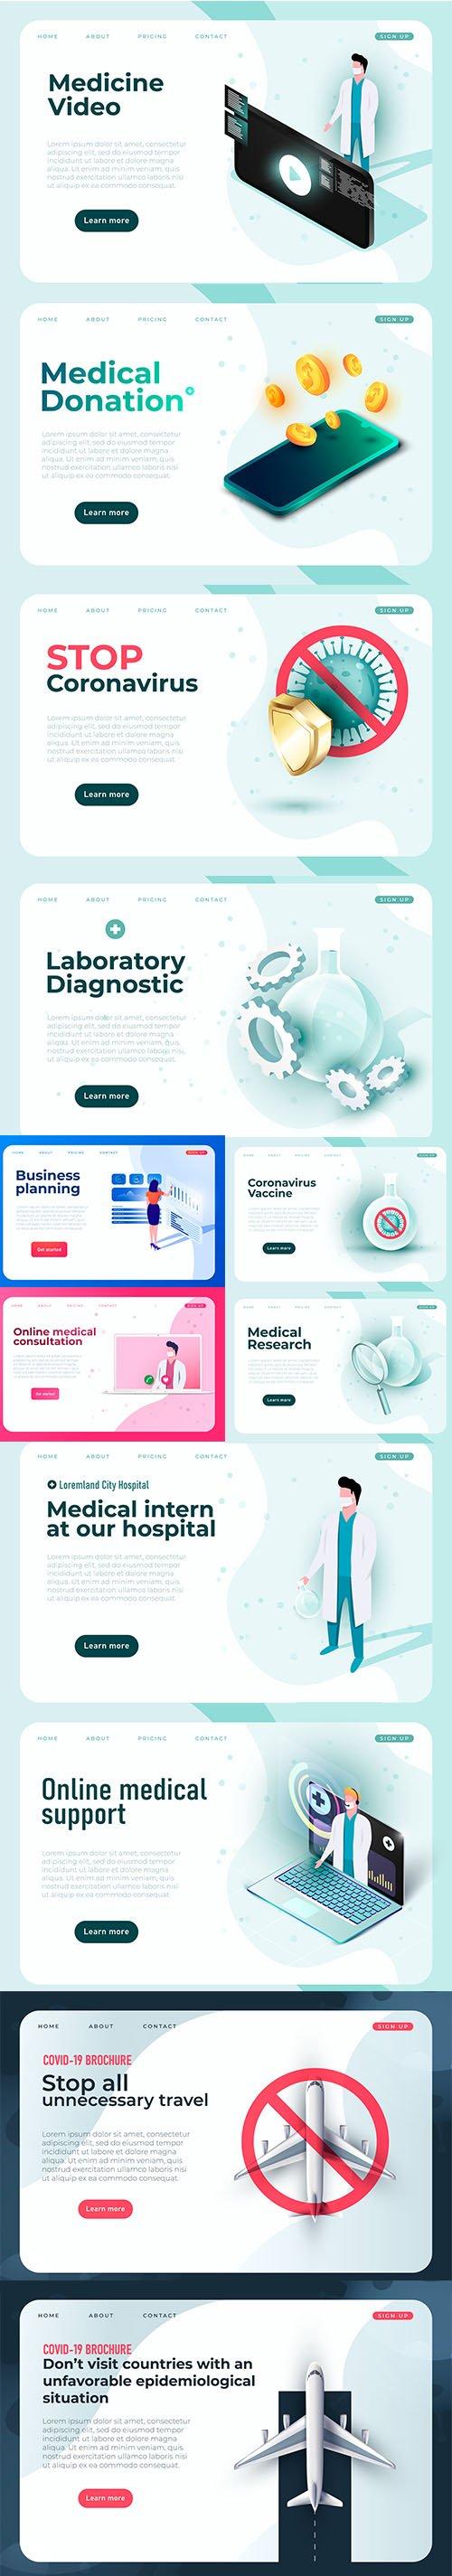 Online Medical Support Medicine Banner Template